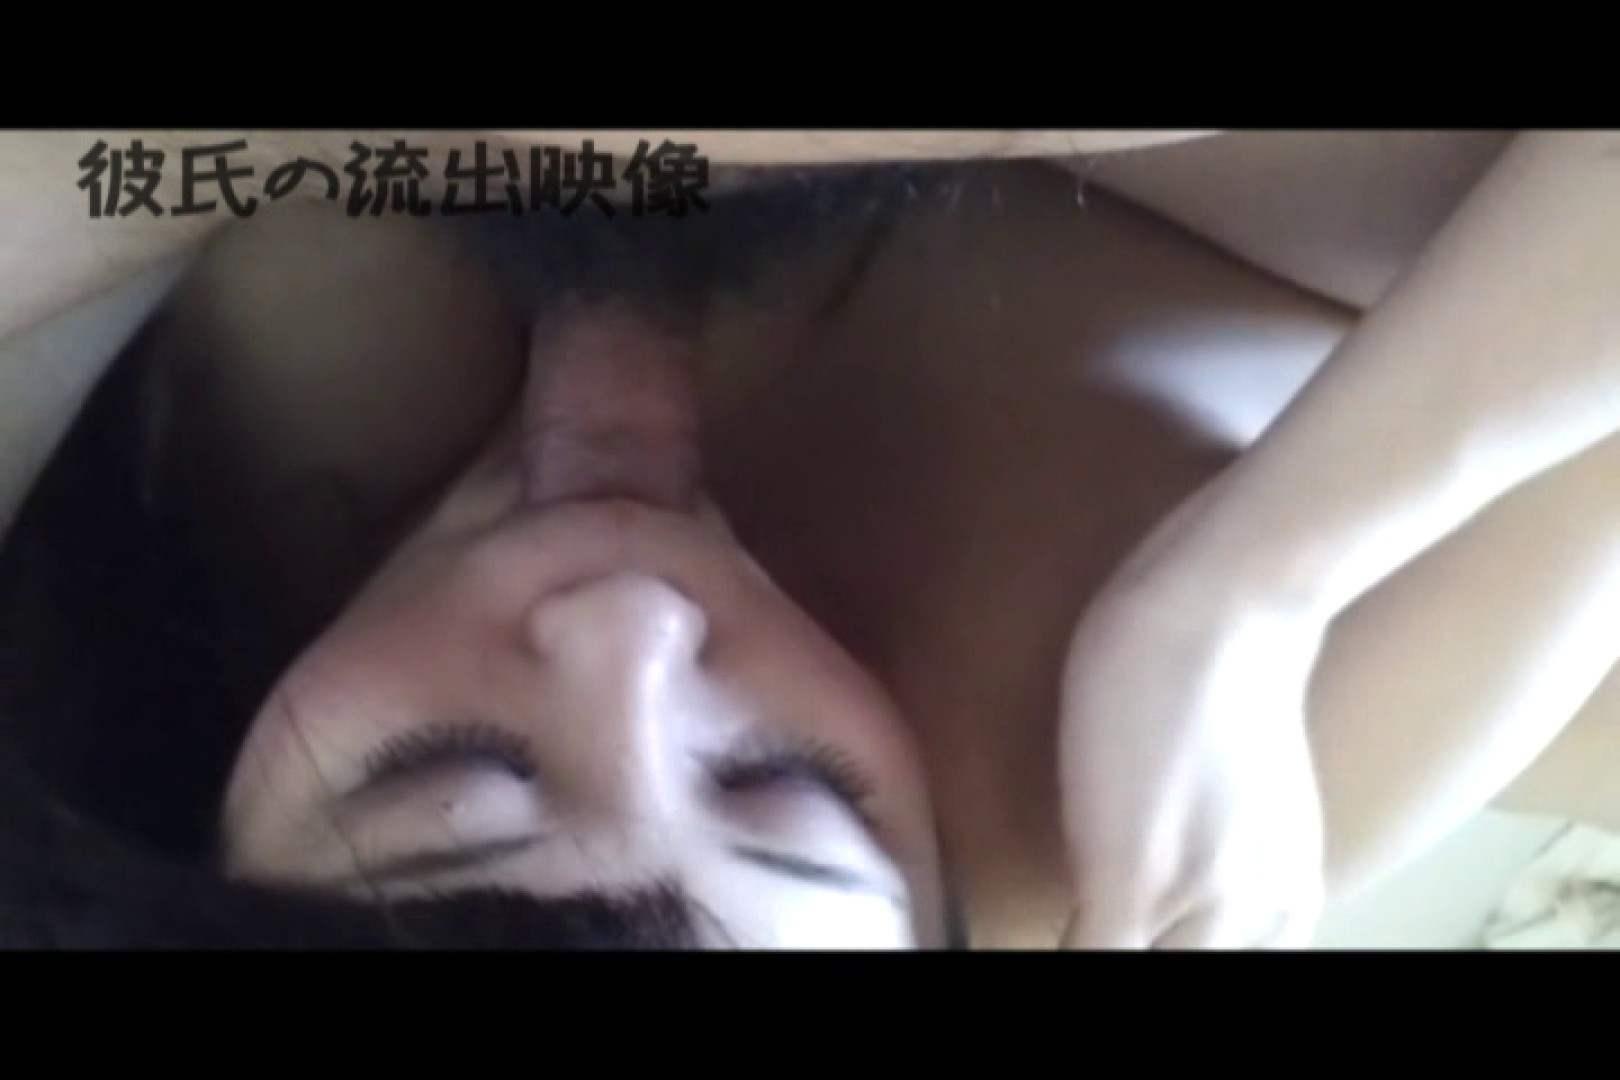 彼氏が流出 パイパン素人嬢のハメ撮り映像03 カップル | 可愛いパイパン  92pic 81